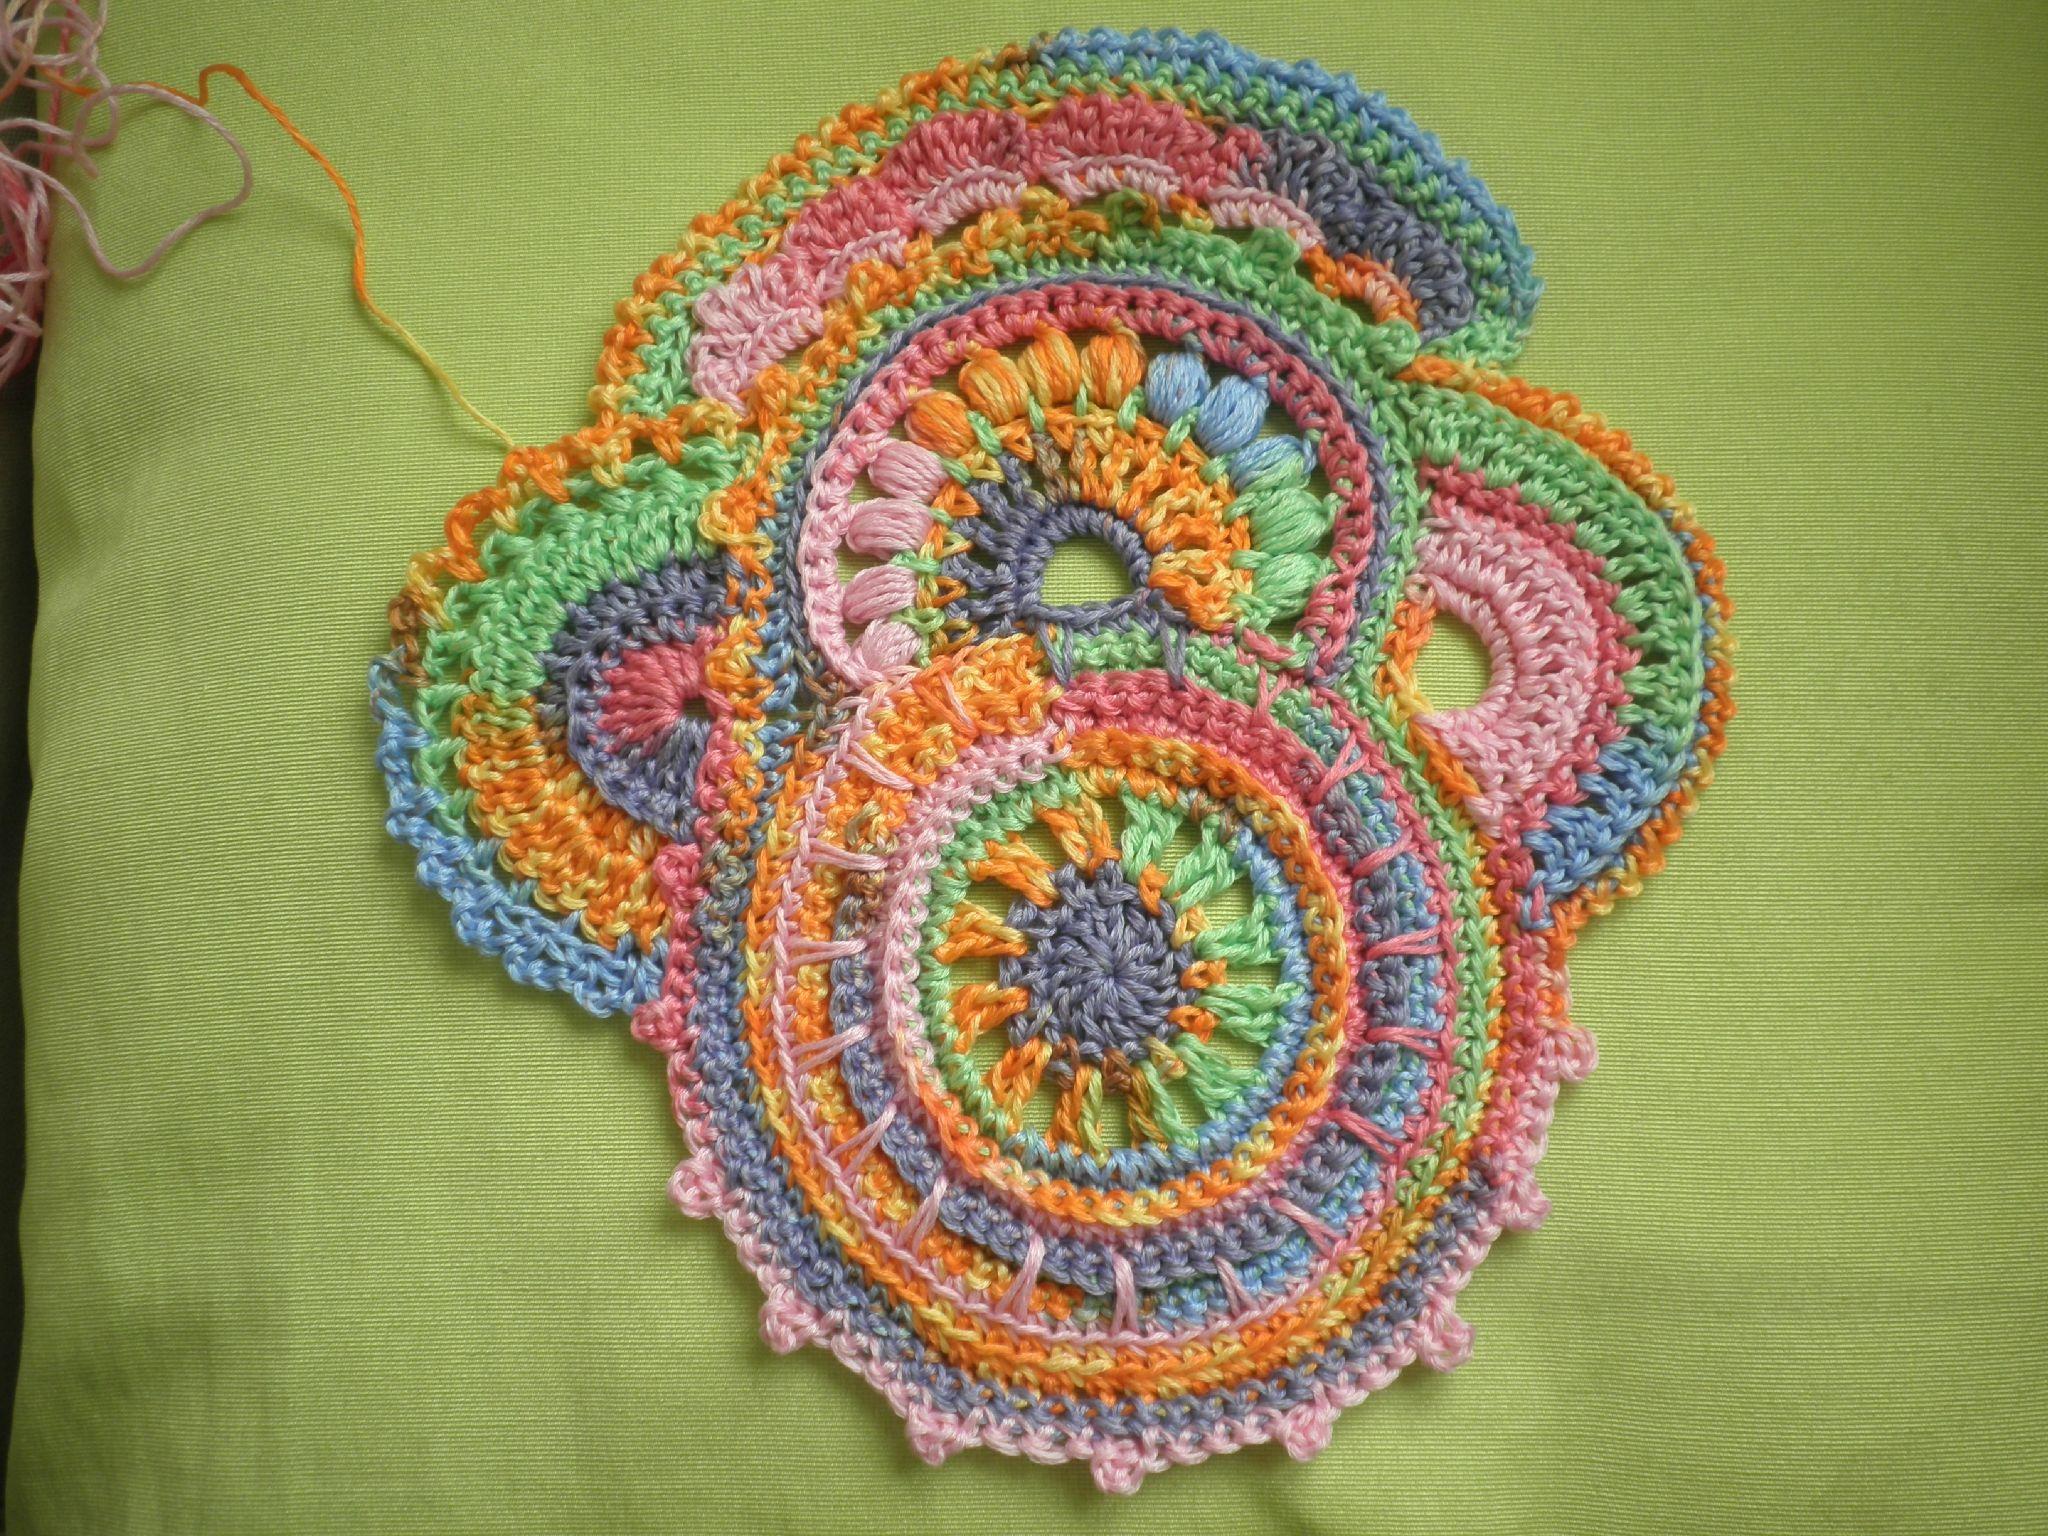 Réalisé par Sueza d'apres le tuto freeform 1 Voilà mon 1er tuto que jai - Easy Crochet